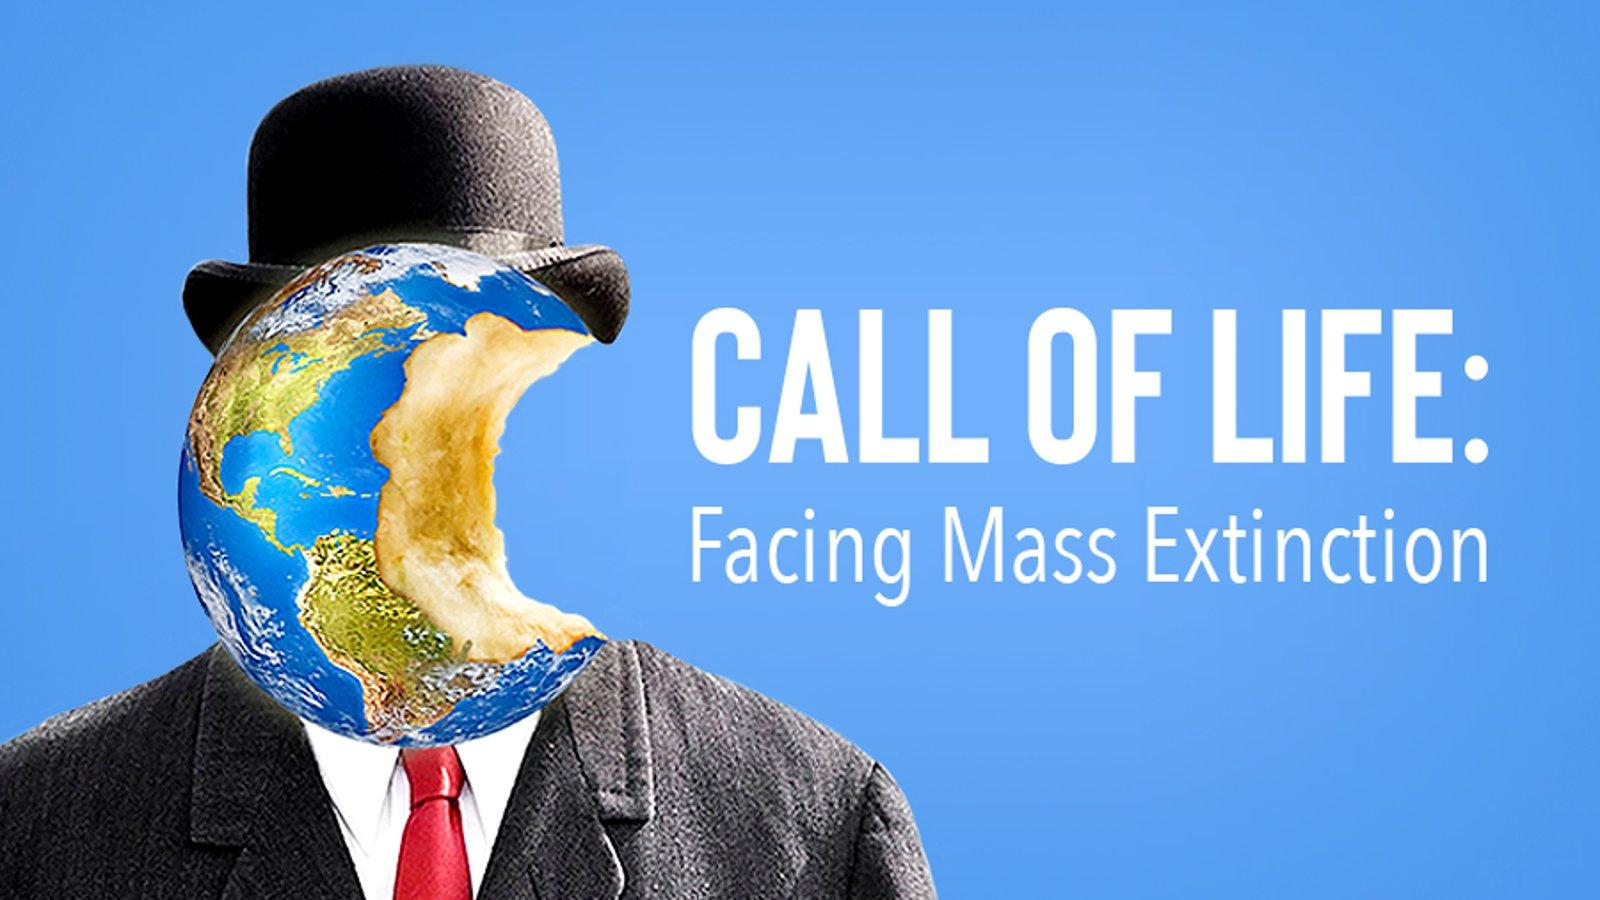 Call of Life: Facing Mass Extinction